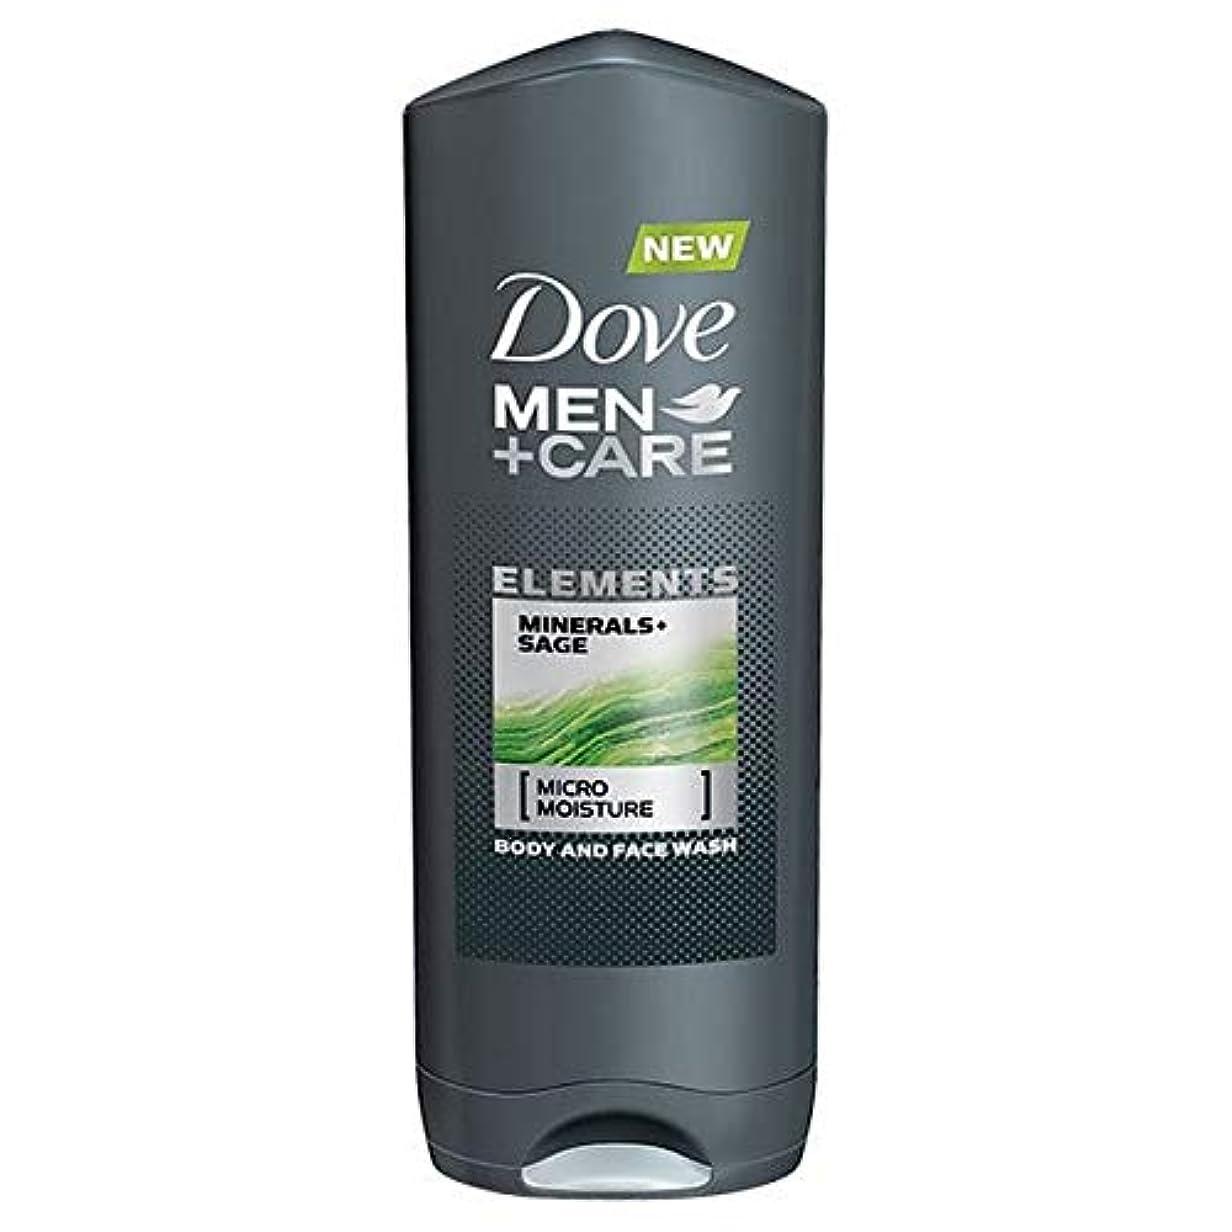 怠けた法医学ふける[Dove ] 鳩の男性+ケアシャワーミネラルやセージ400ミリリットル - Dove Men + Care Shower Minerals and Sage 400ml [並行輸入品]